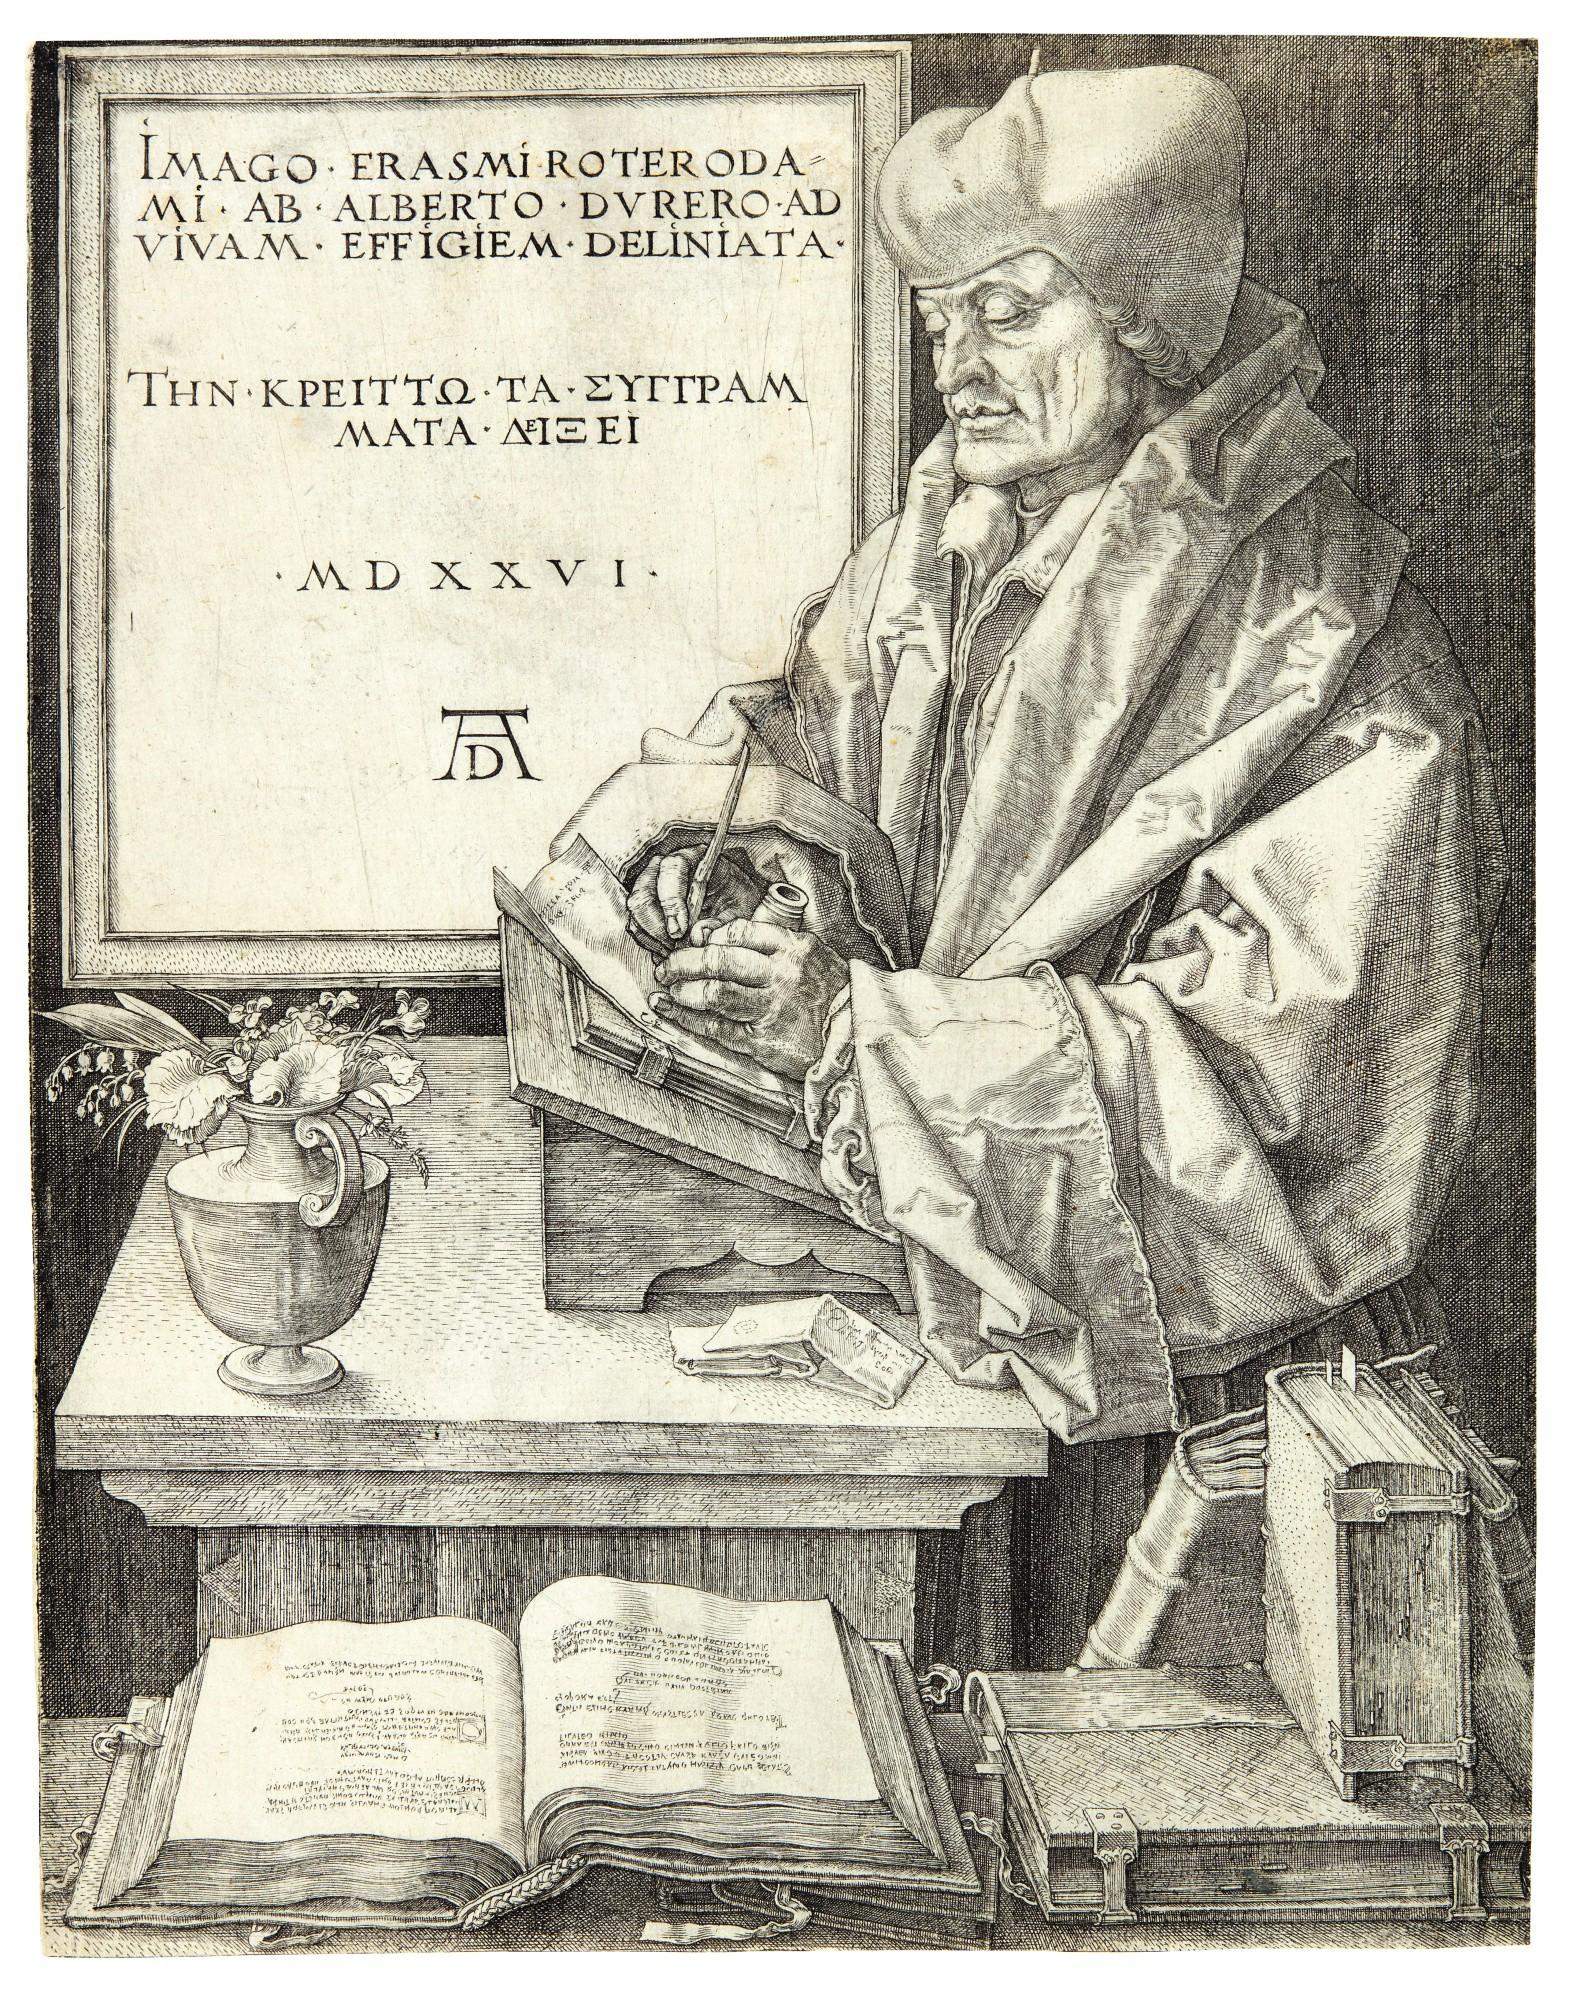 ALBRECHT DÜRER | ERASMUS VON ROTTERDAM (B. 107; M., HOLL. 105)